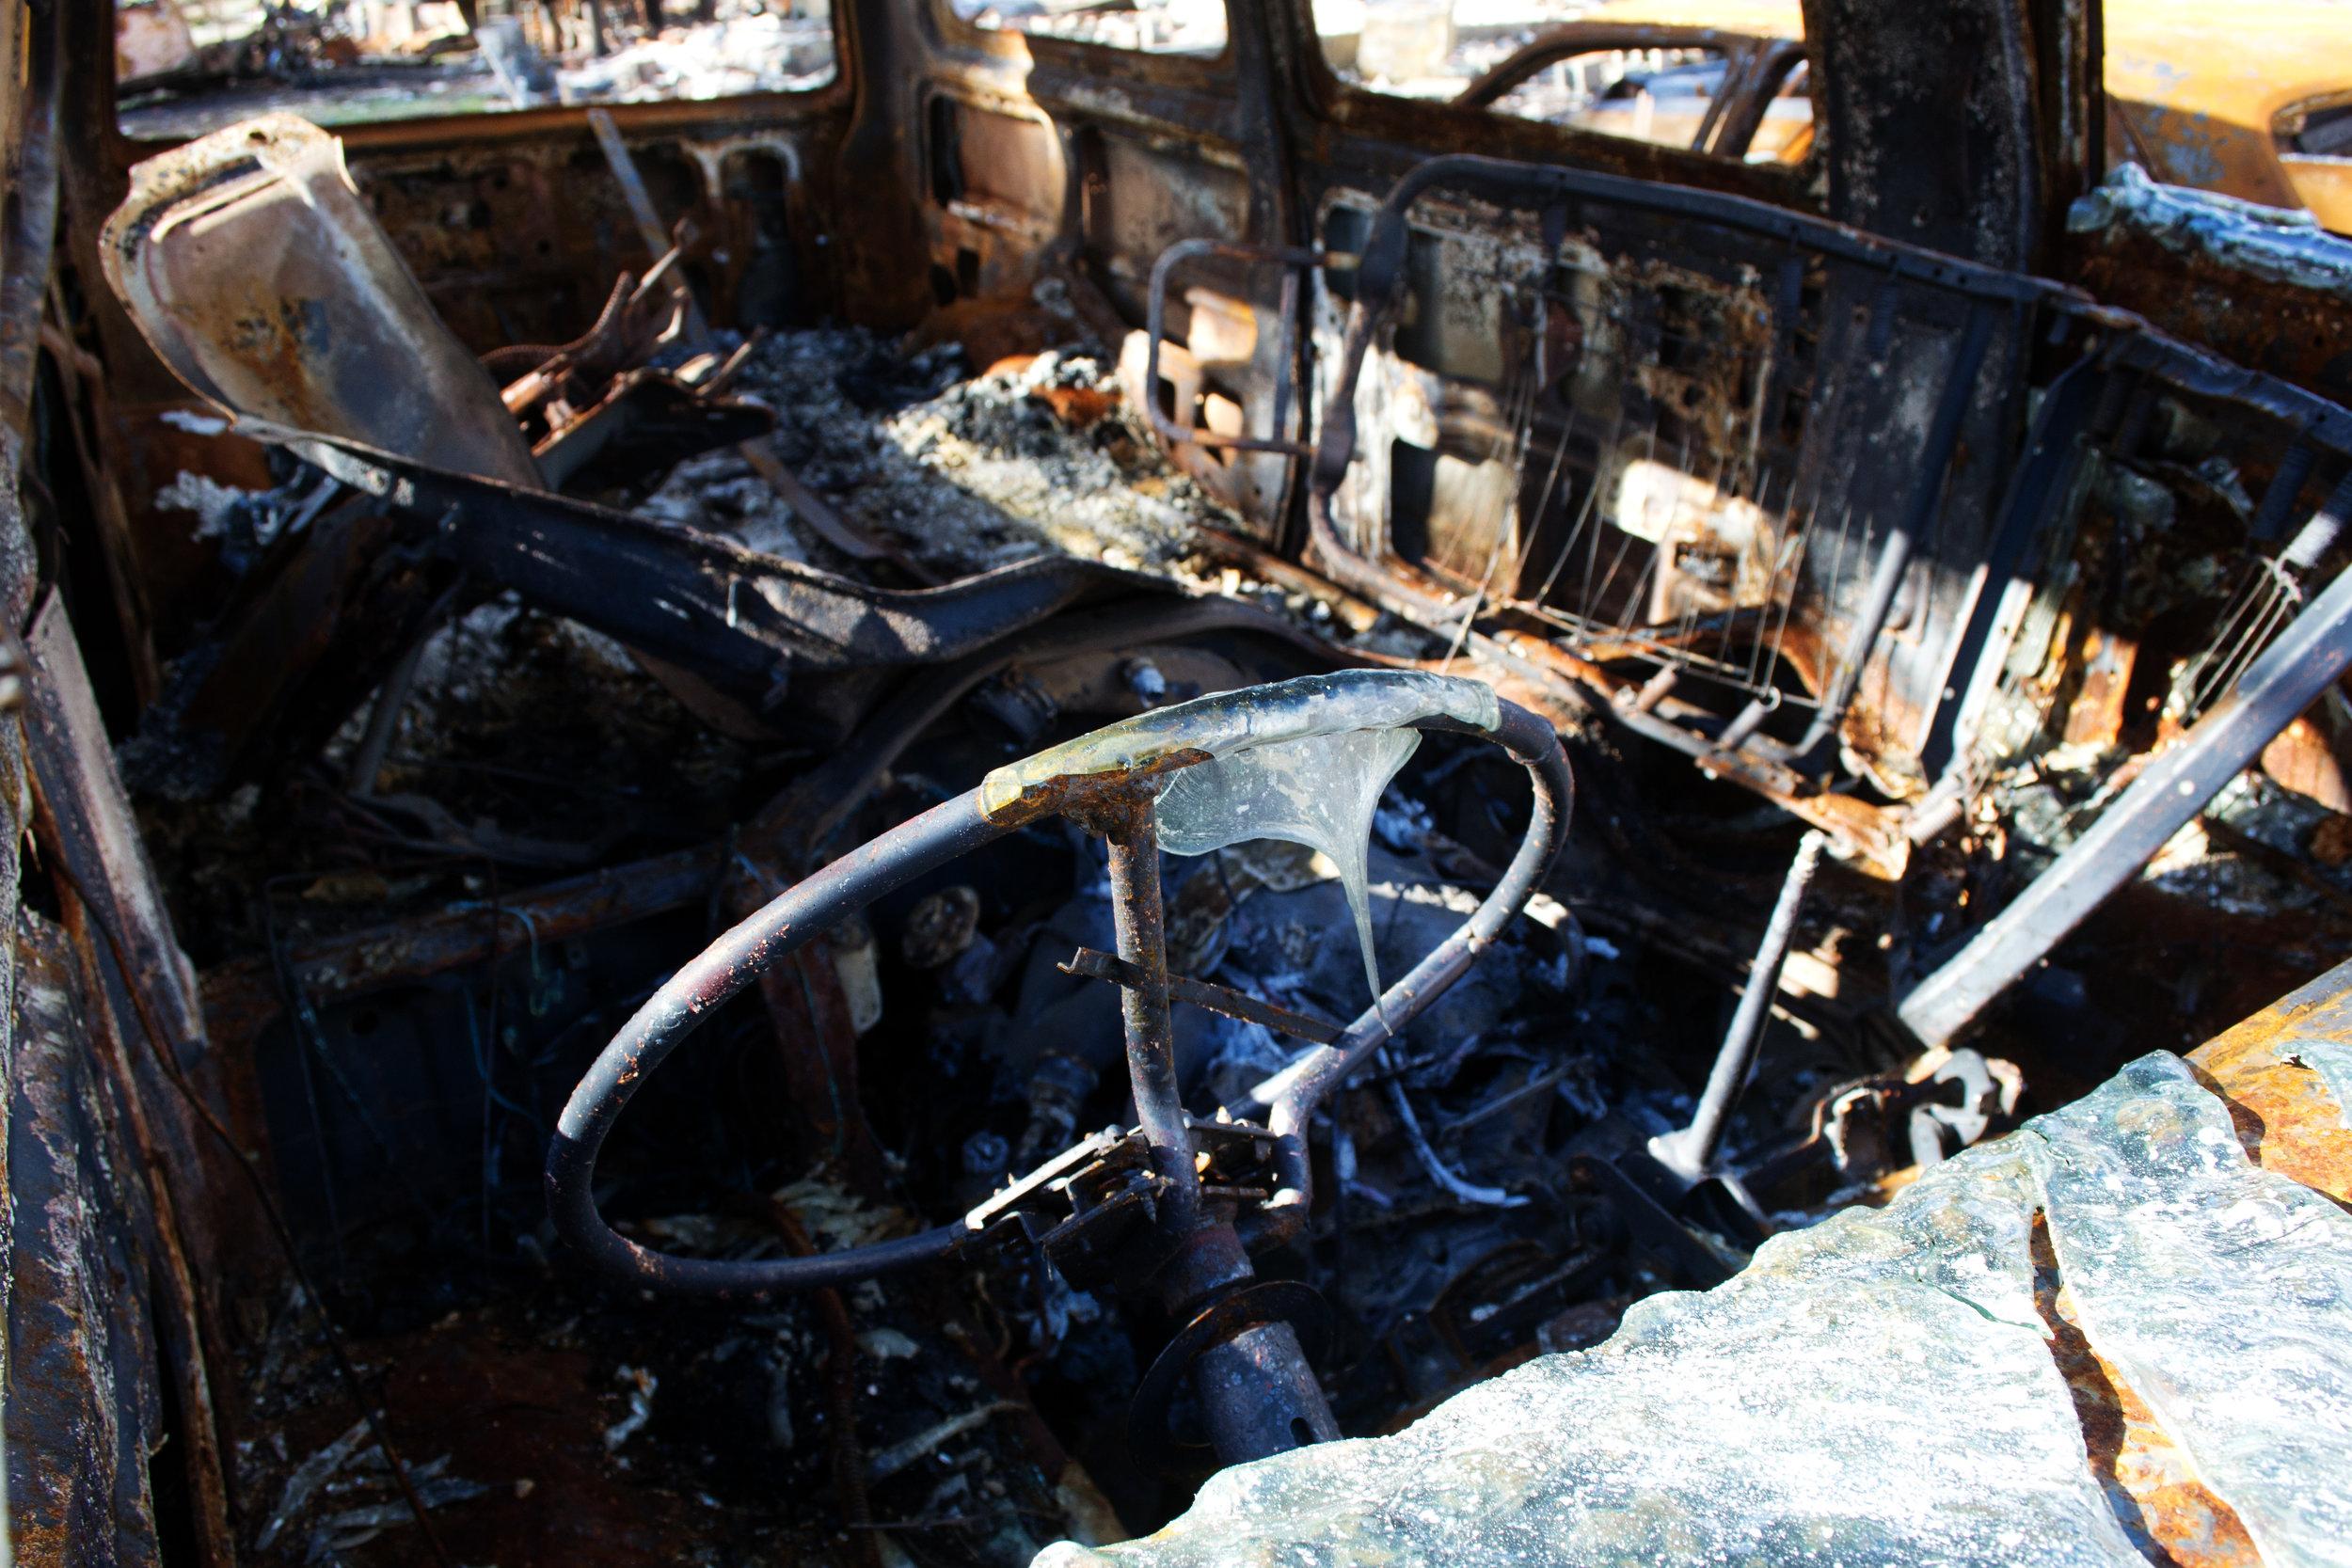 2013-02-28 - Tasmania - Dunalley after the fires - D3100  - DSC_0291.jpg